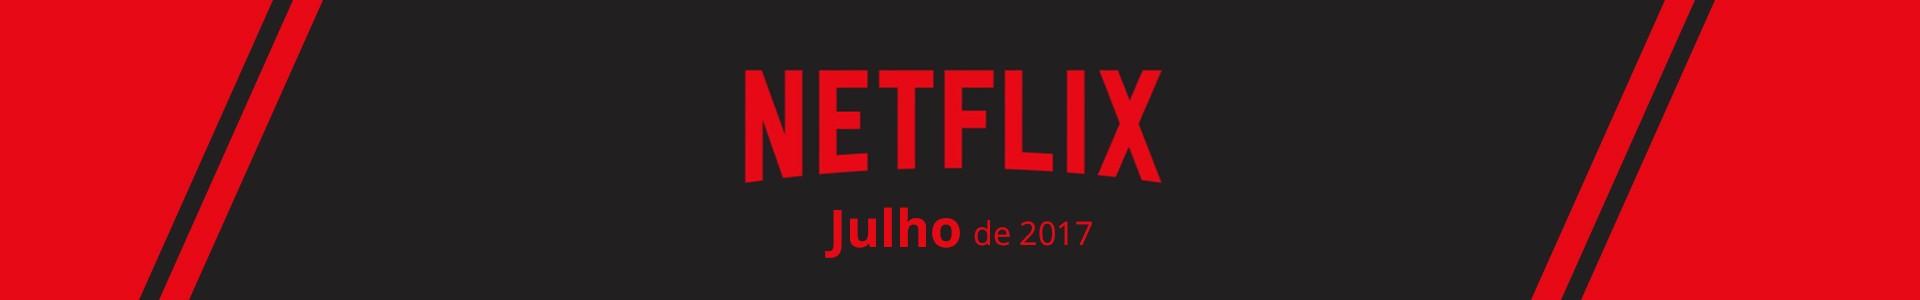 15 Estreias da Netflix de Julho de 2017